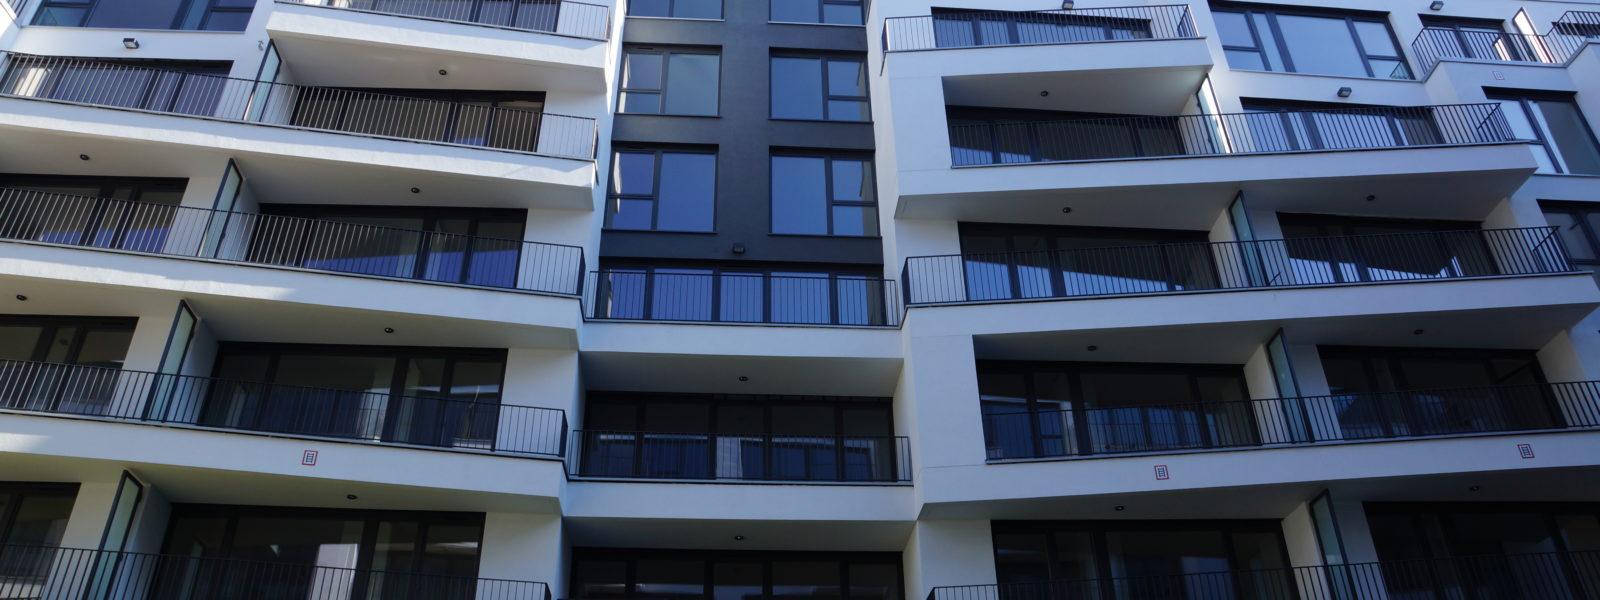 柏林核心地带精装时尚公寓